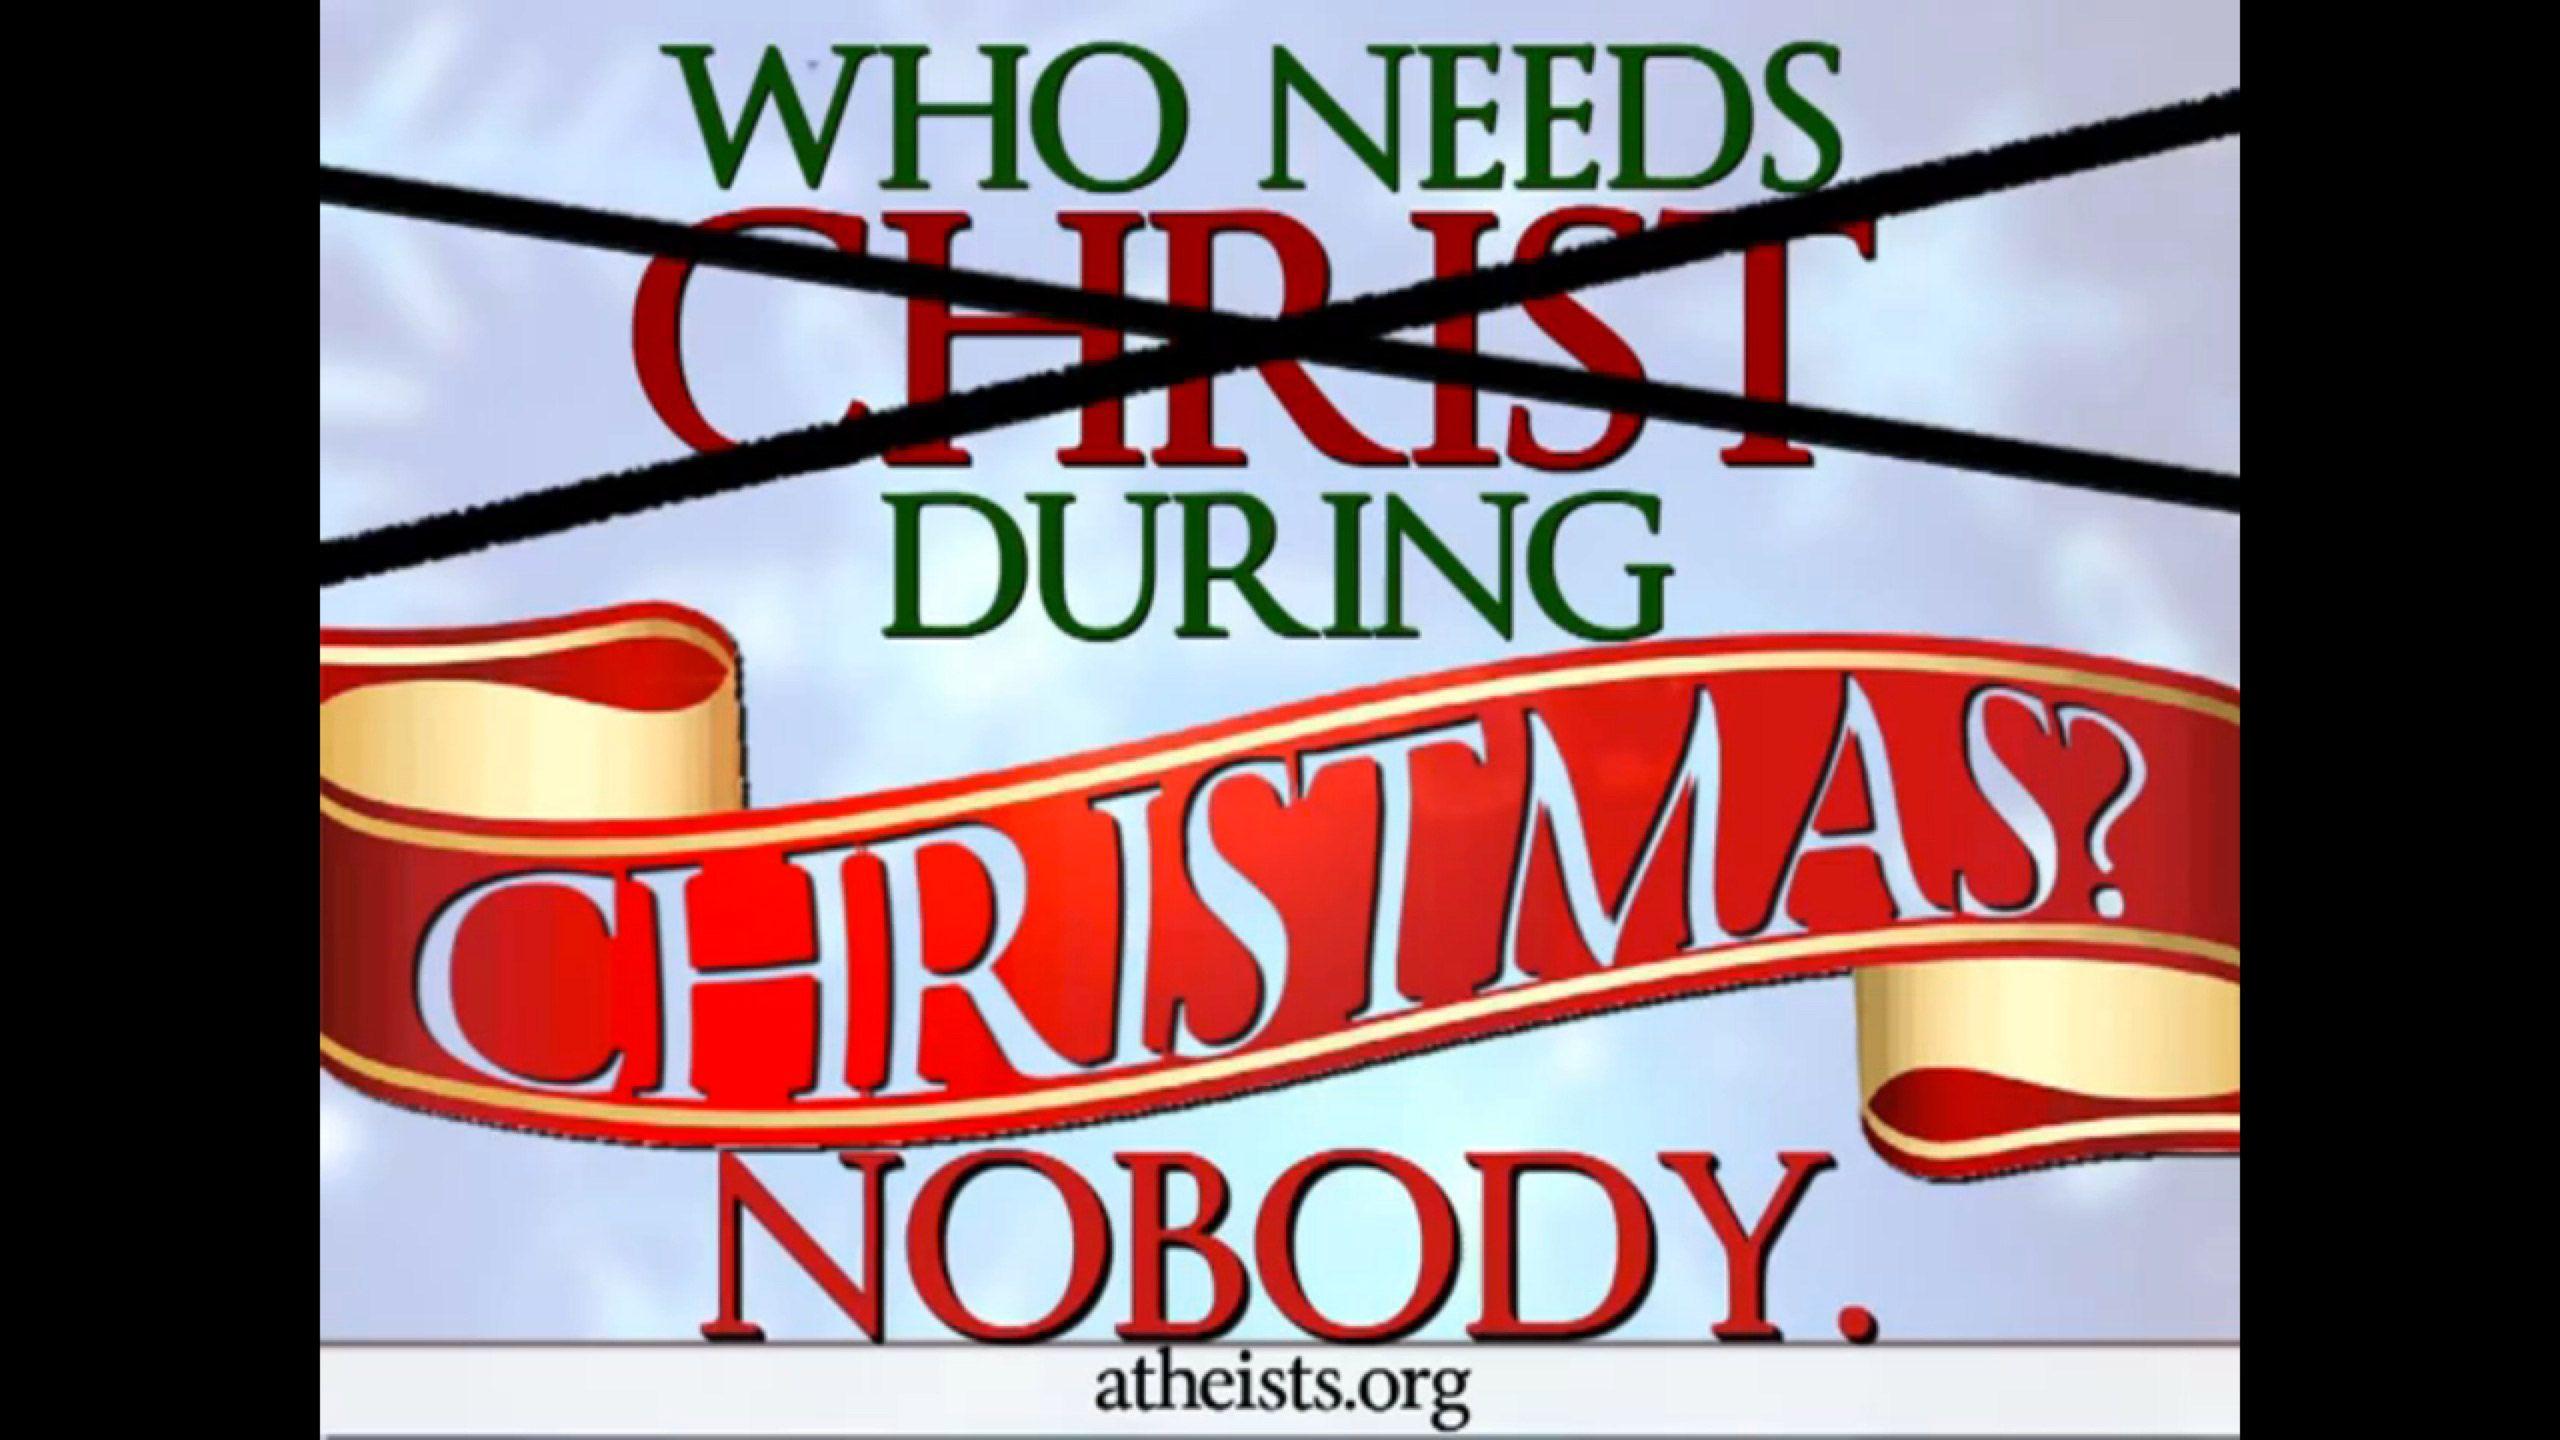 Kdo potrebuje Božič? Vir:atheists.org